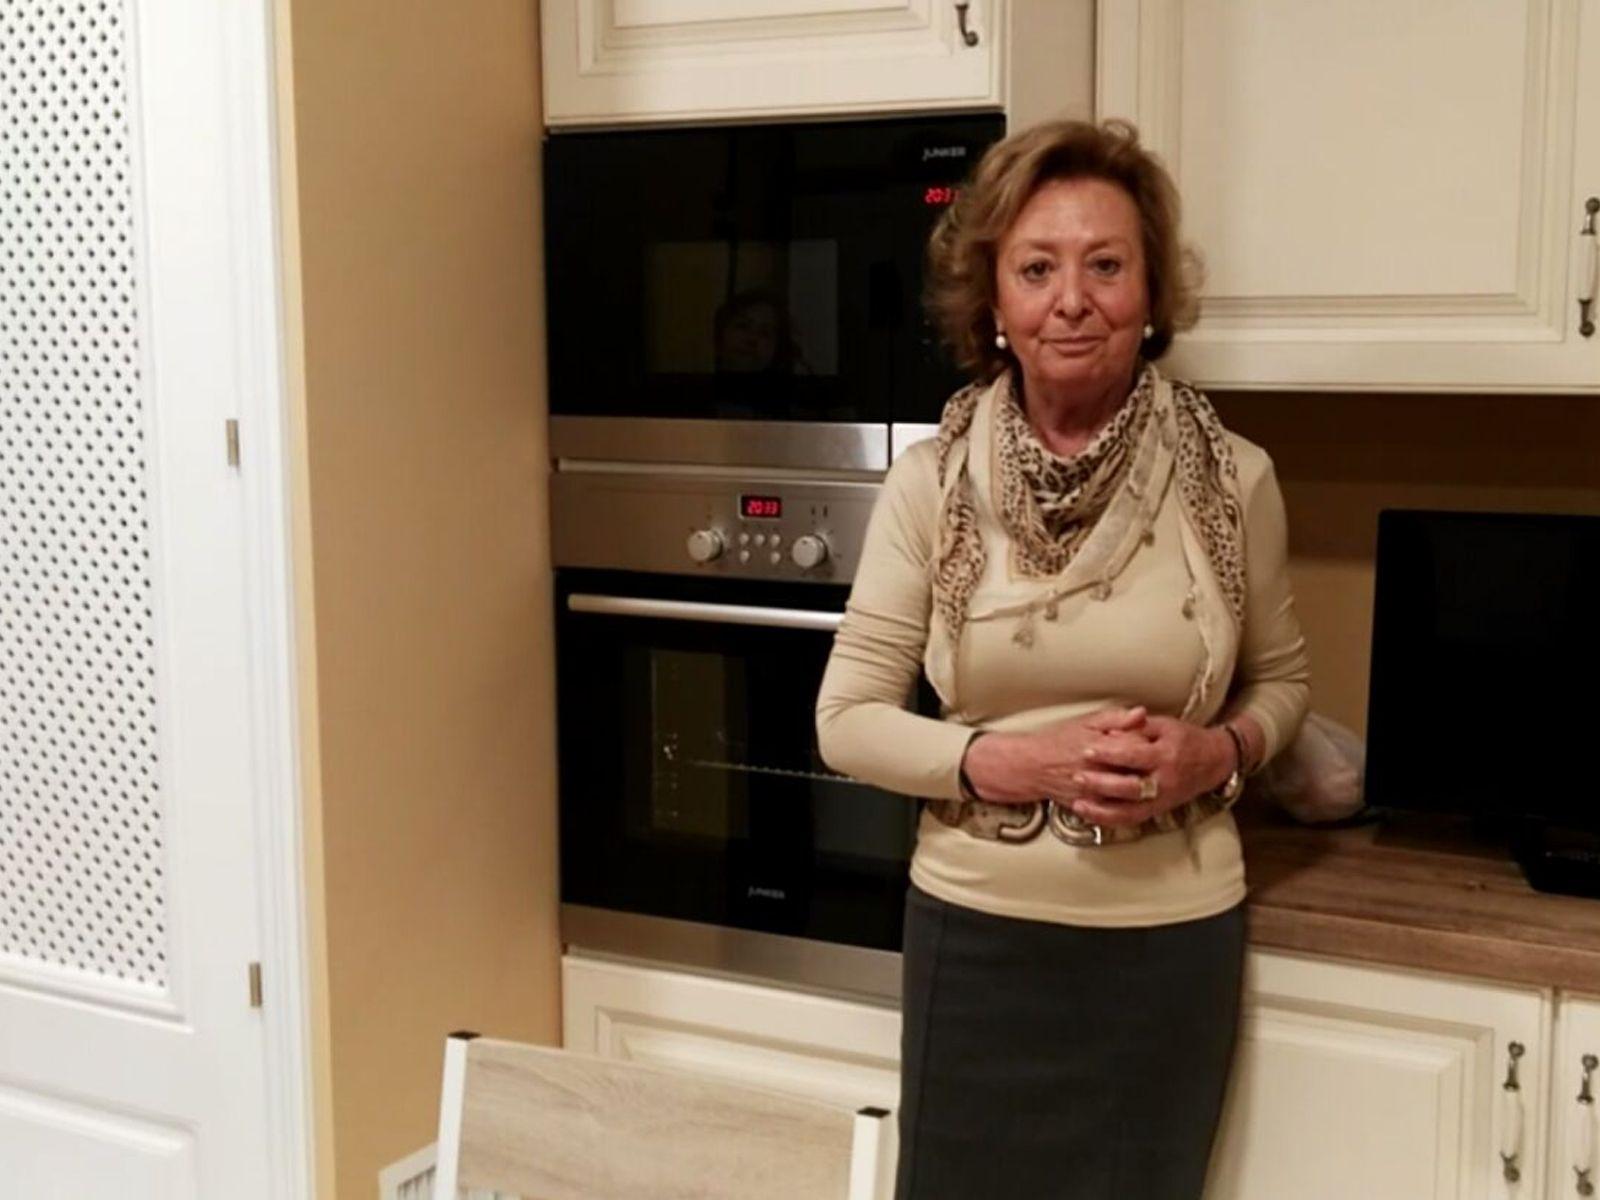 Opinión mujer cocina sevilla ayuda kouch